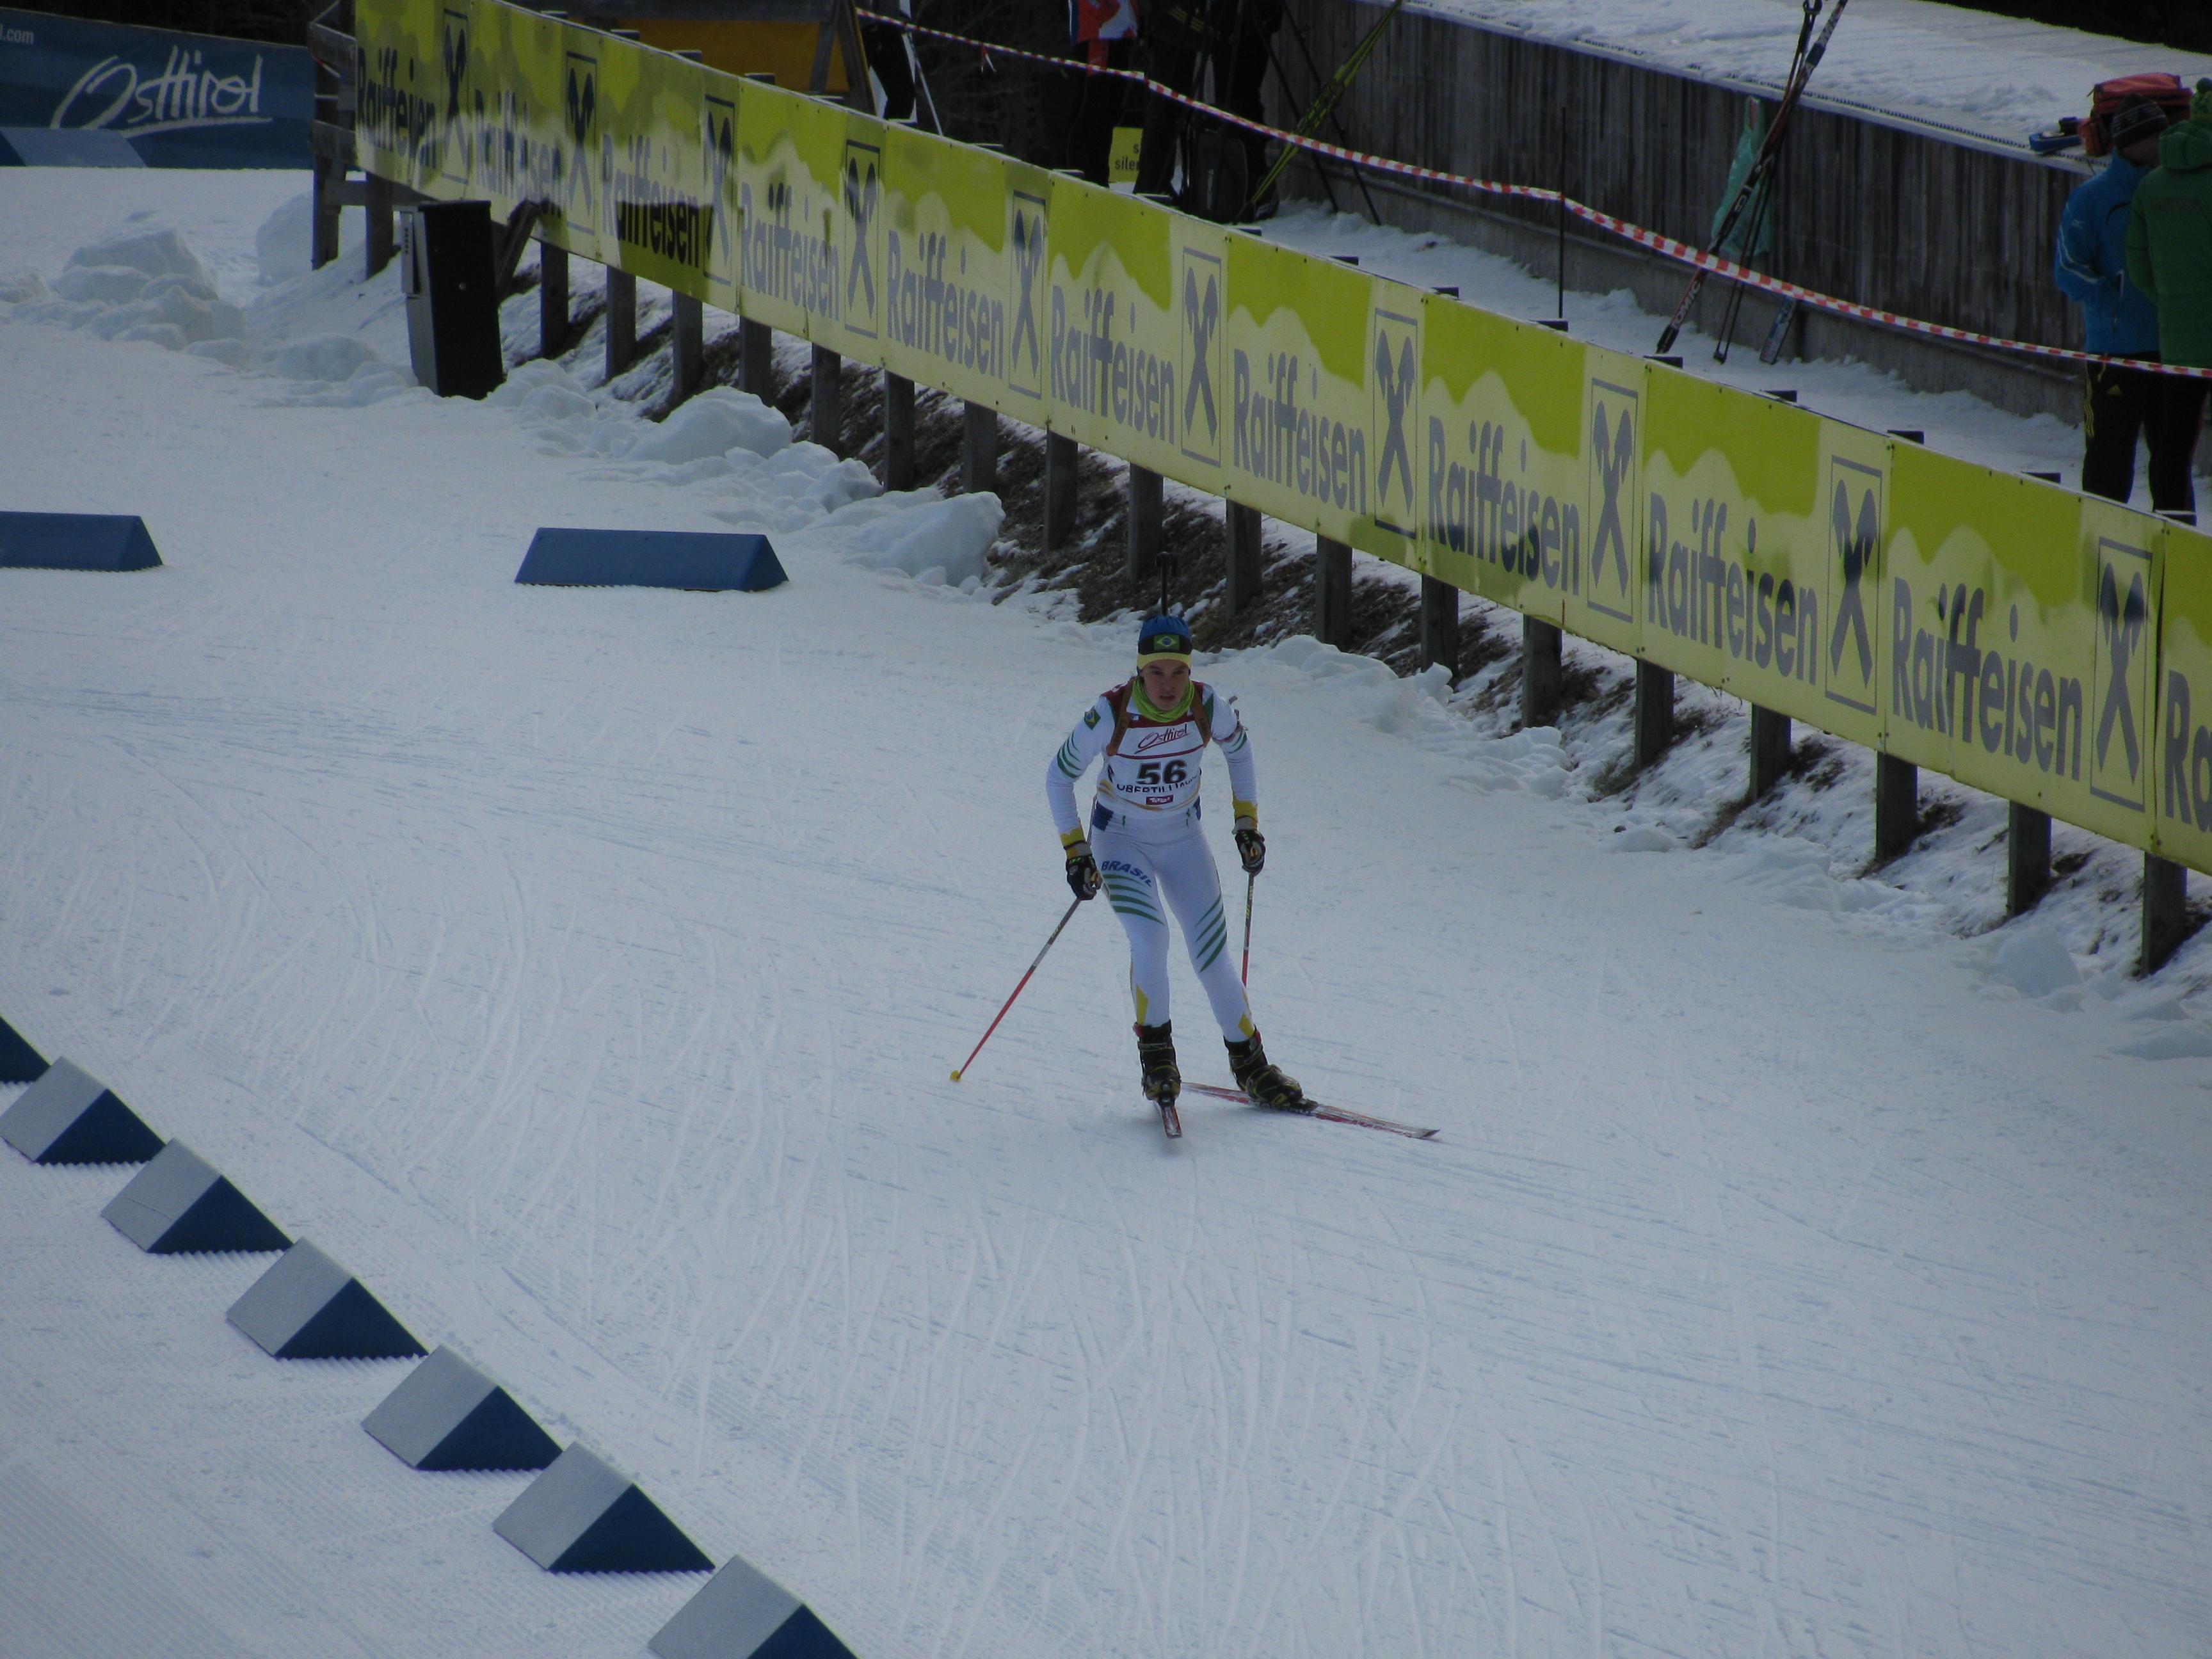 Neres begint aan haar debuut op de 15 kilometer, de langste afstand bij de dames (Foto: heywoodu)